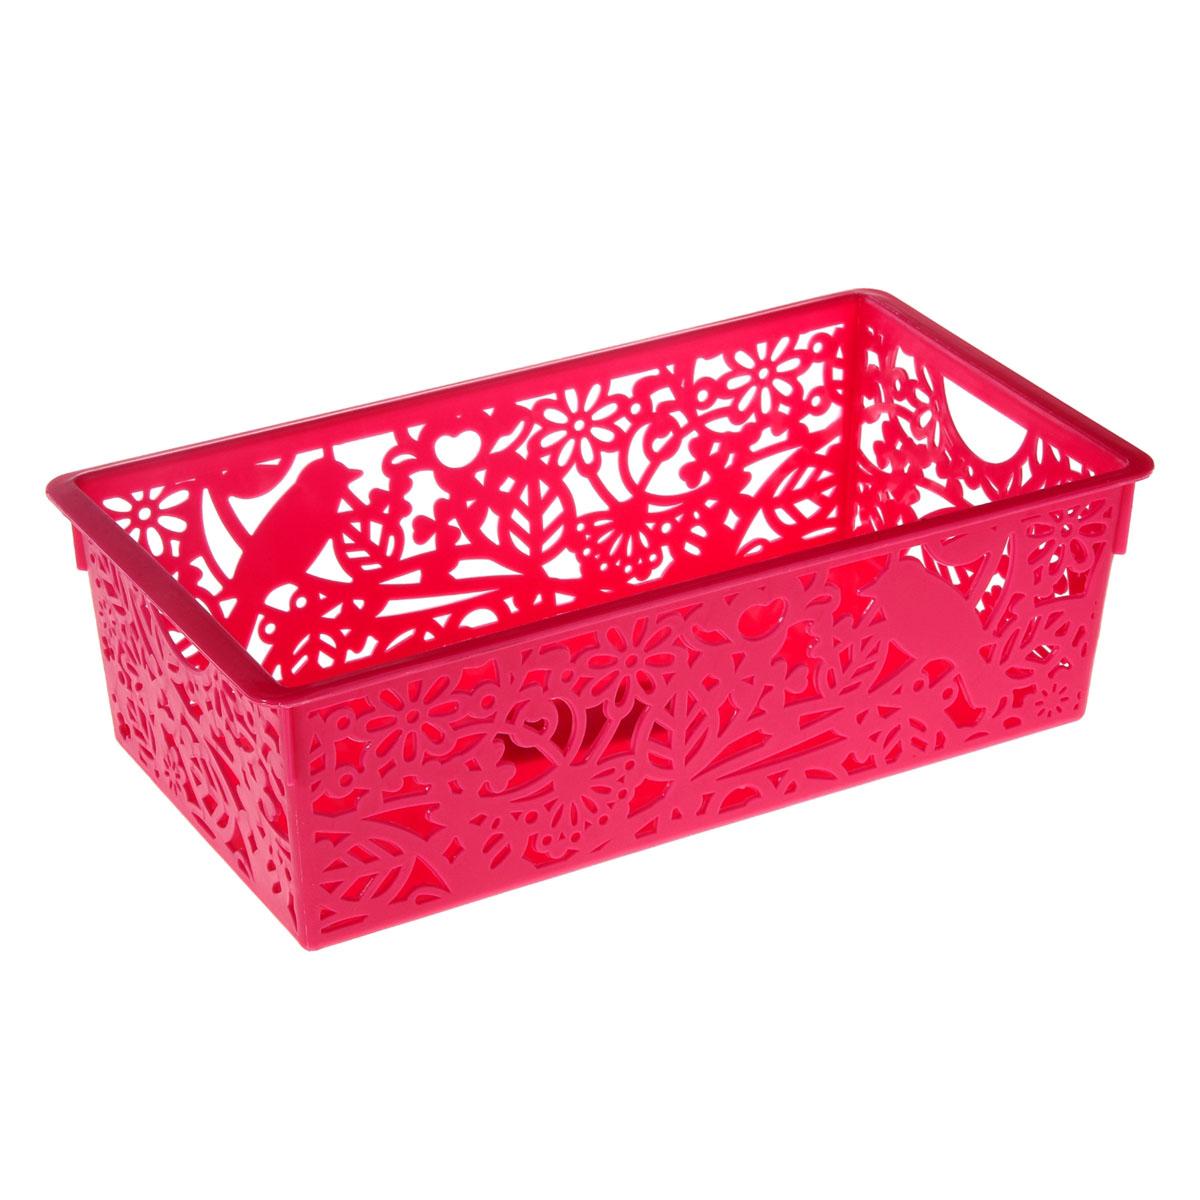 Корзина для мелочей Птицы, 14,5*27,5*8,5 см, цвет: розовый, 799920V4140/1SКорзина для мелочей Птицы, 14,5*27,5*8,5 см, 799920 Материал: Пластик